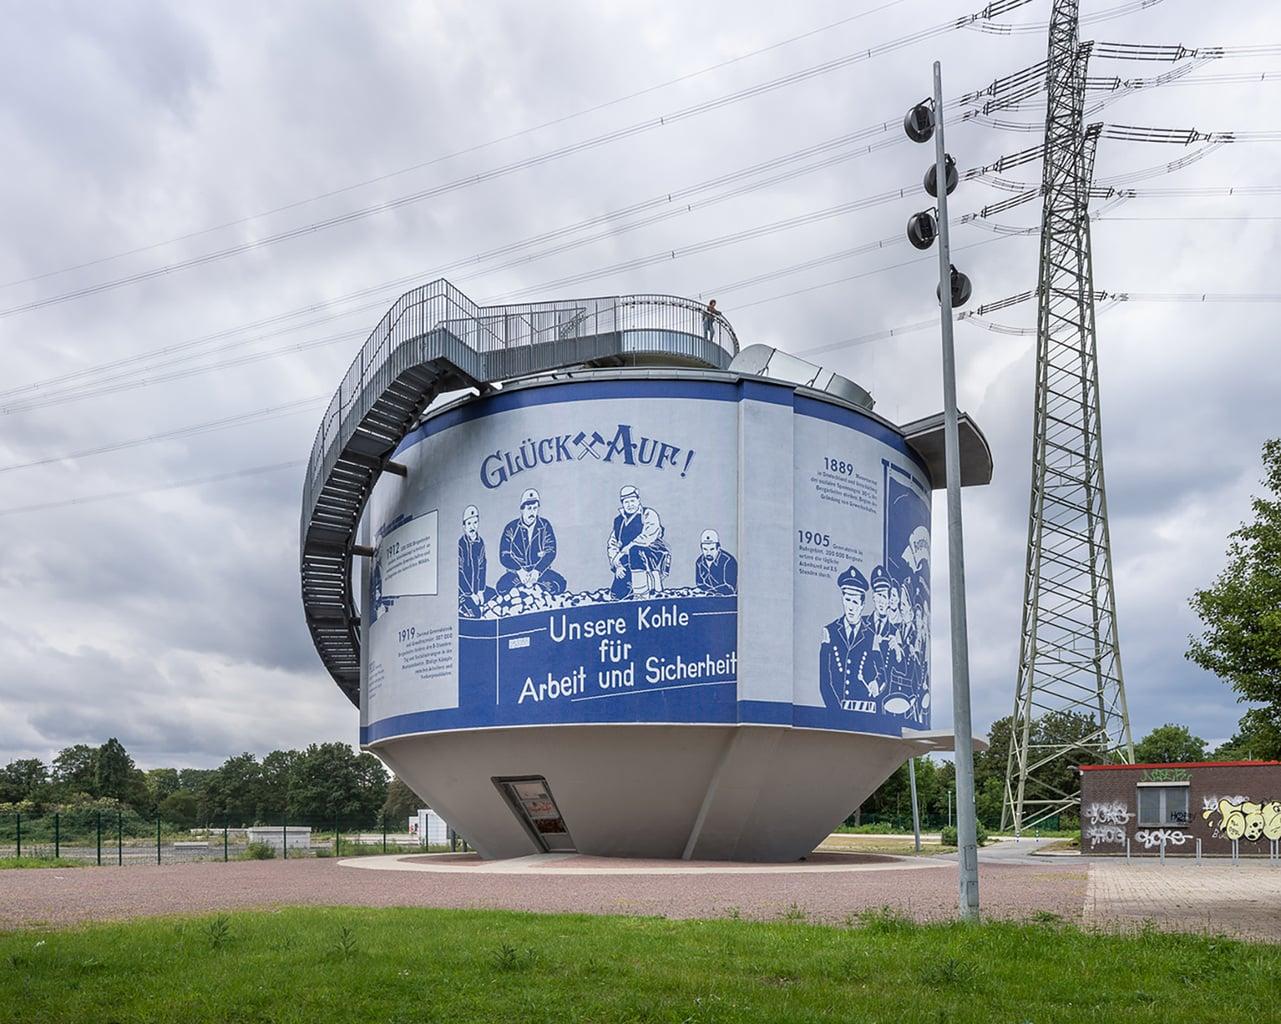 De Emscherkunstweg in het Ruhgebiet bij de stad Herne met een installatie van Silke Wagner en de woorden Glückauf